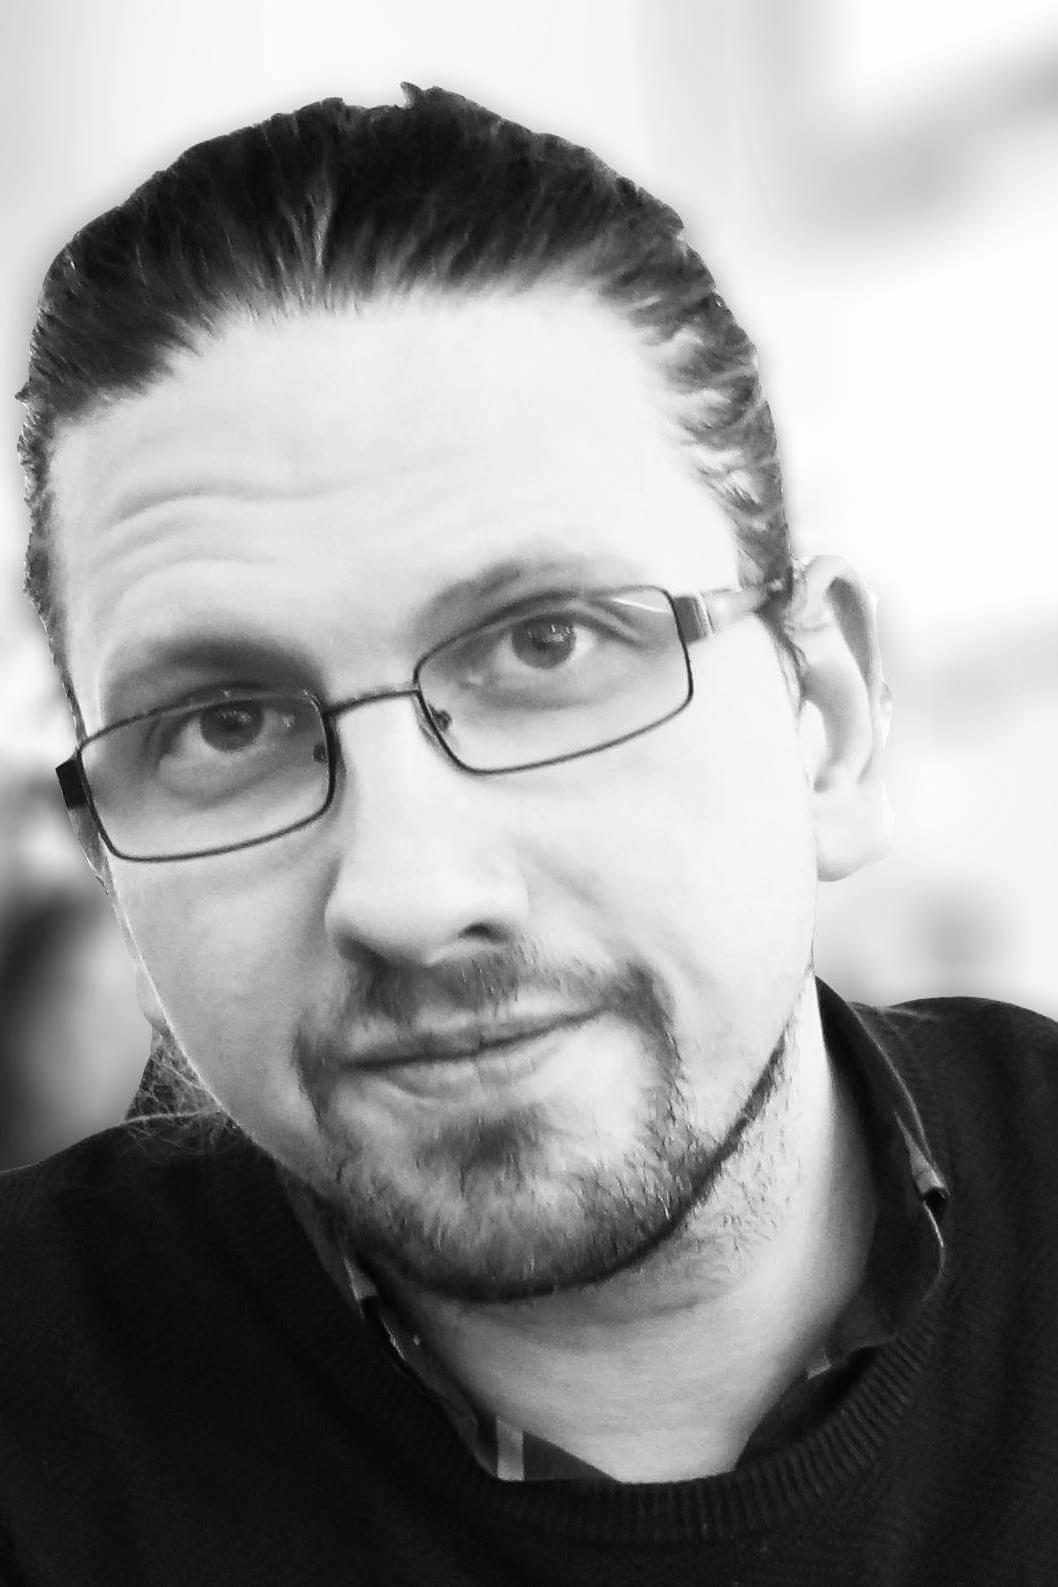 """""""I Kina finns det idag så kallade """"social credits"""" där medborgarna får poäng efter deras levnadsvanor och där möjligheten att ta ett banklån eller gå i en fin skola då bygger på att medborgaren har ett visst antal poäng."""" - Adam Palmquist, föreläsare inom spelifiering och doktorand inom IT"""